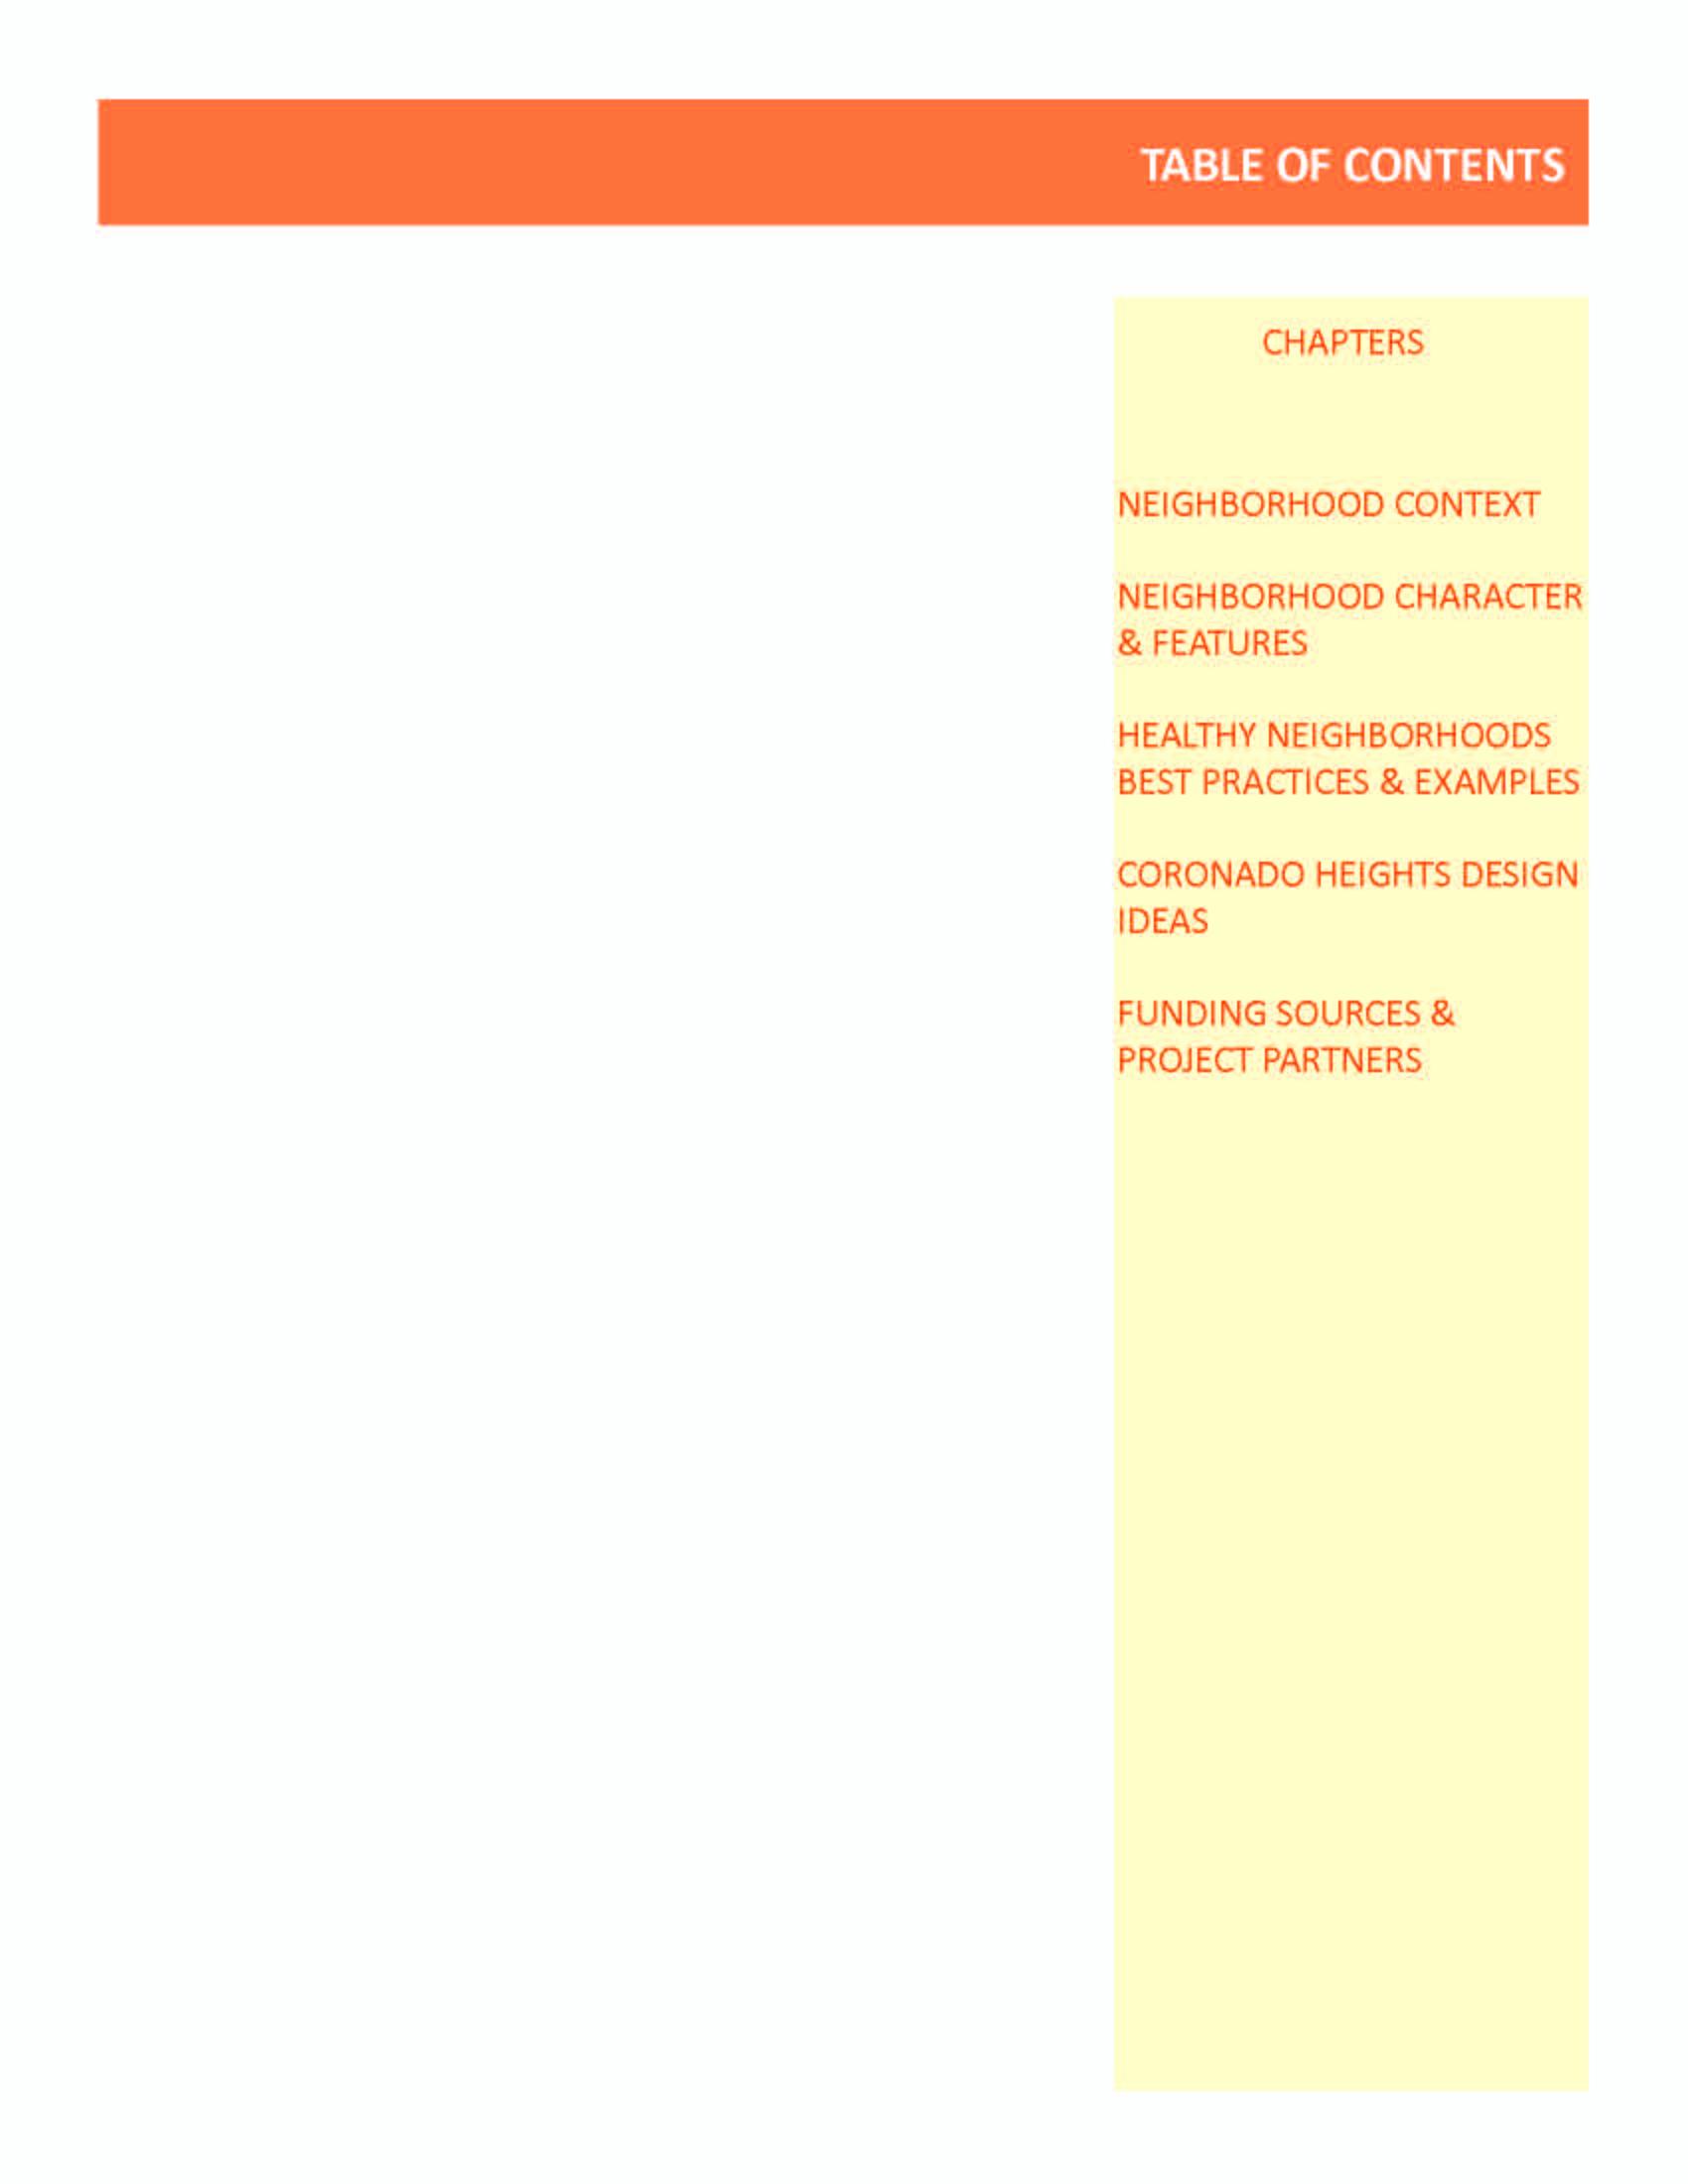 FInal Coronado Heights Neighborhood Document_Page_03